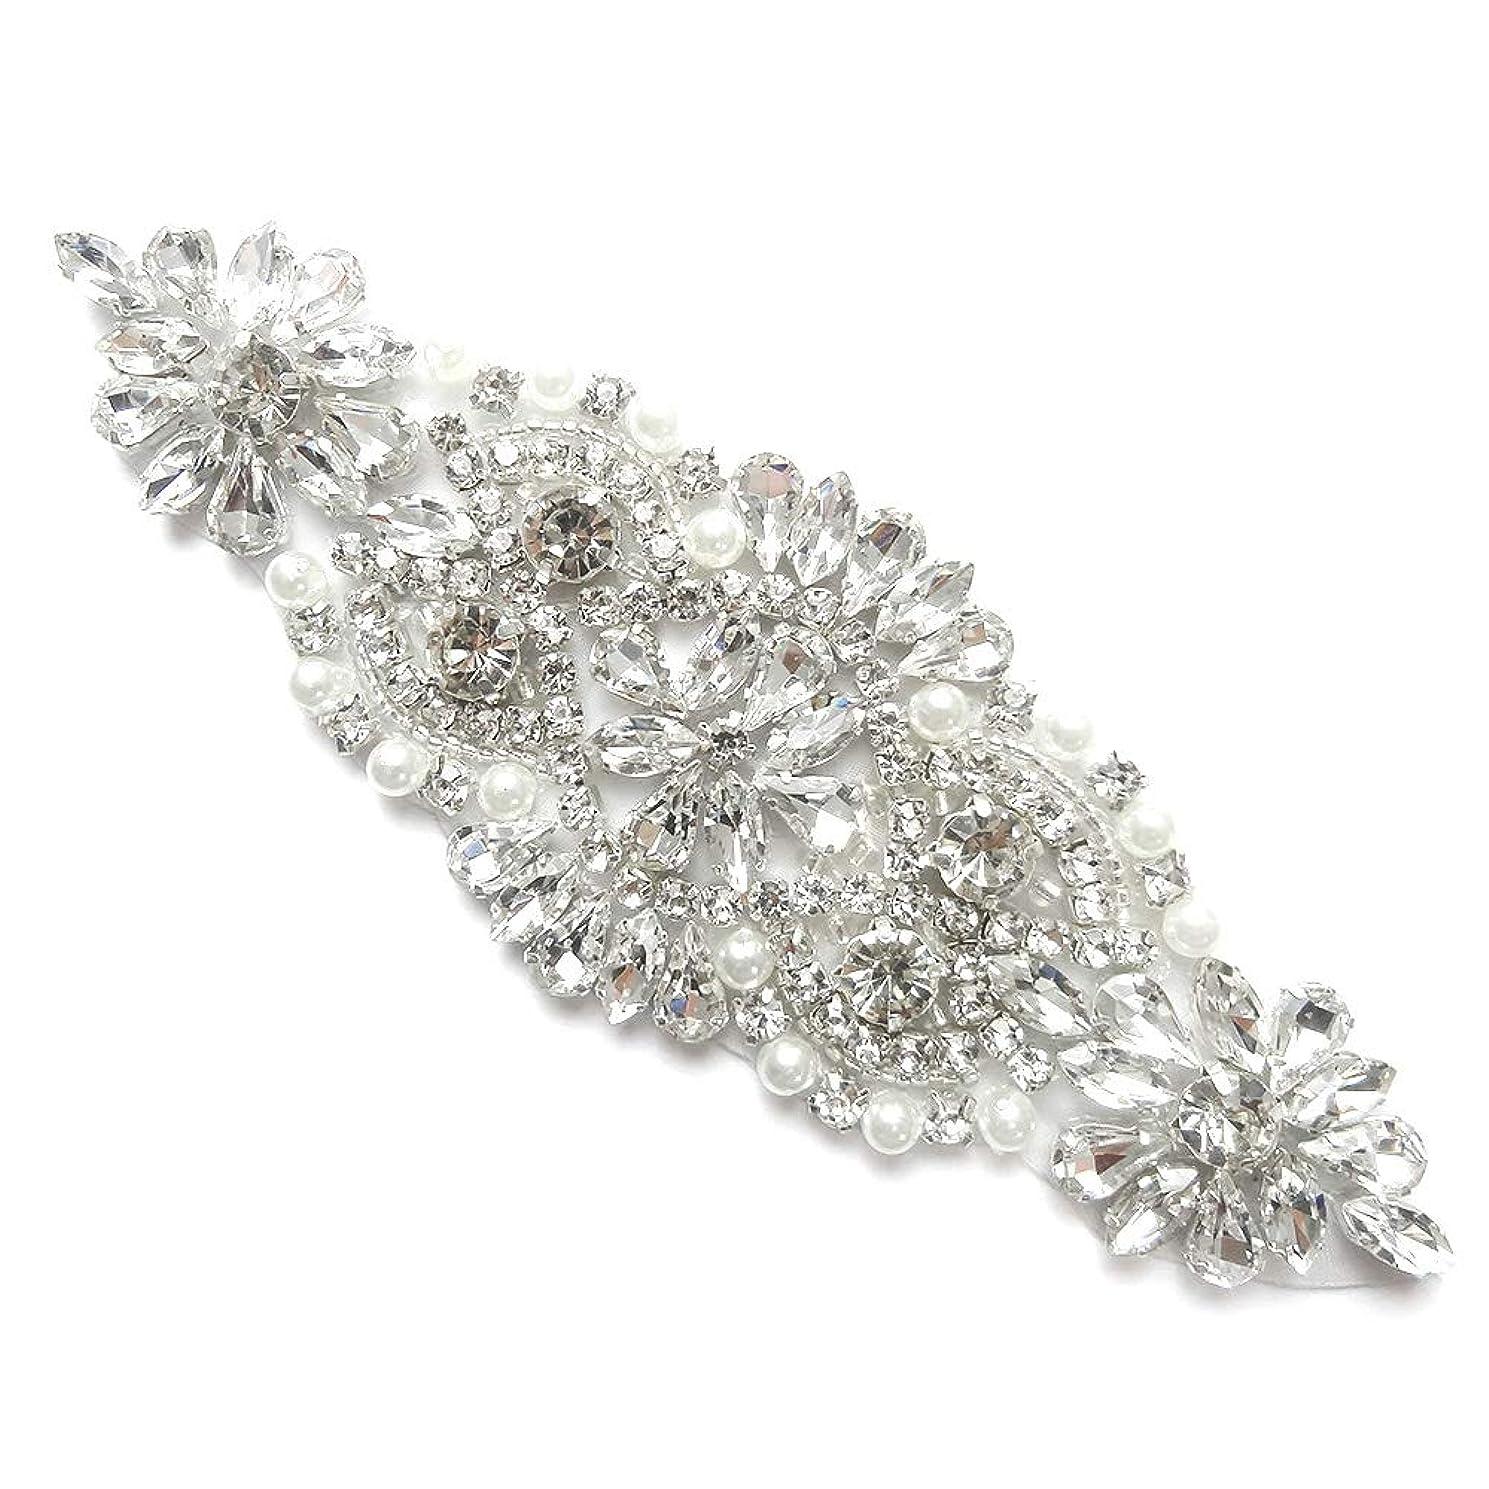 HeMiaor Exquisite Bridemaid Rhinestone Sashes Bridal Belt Sash Crystal Wedding Sash Belt